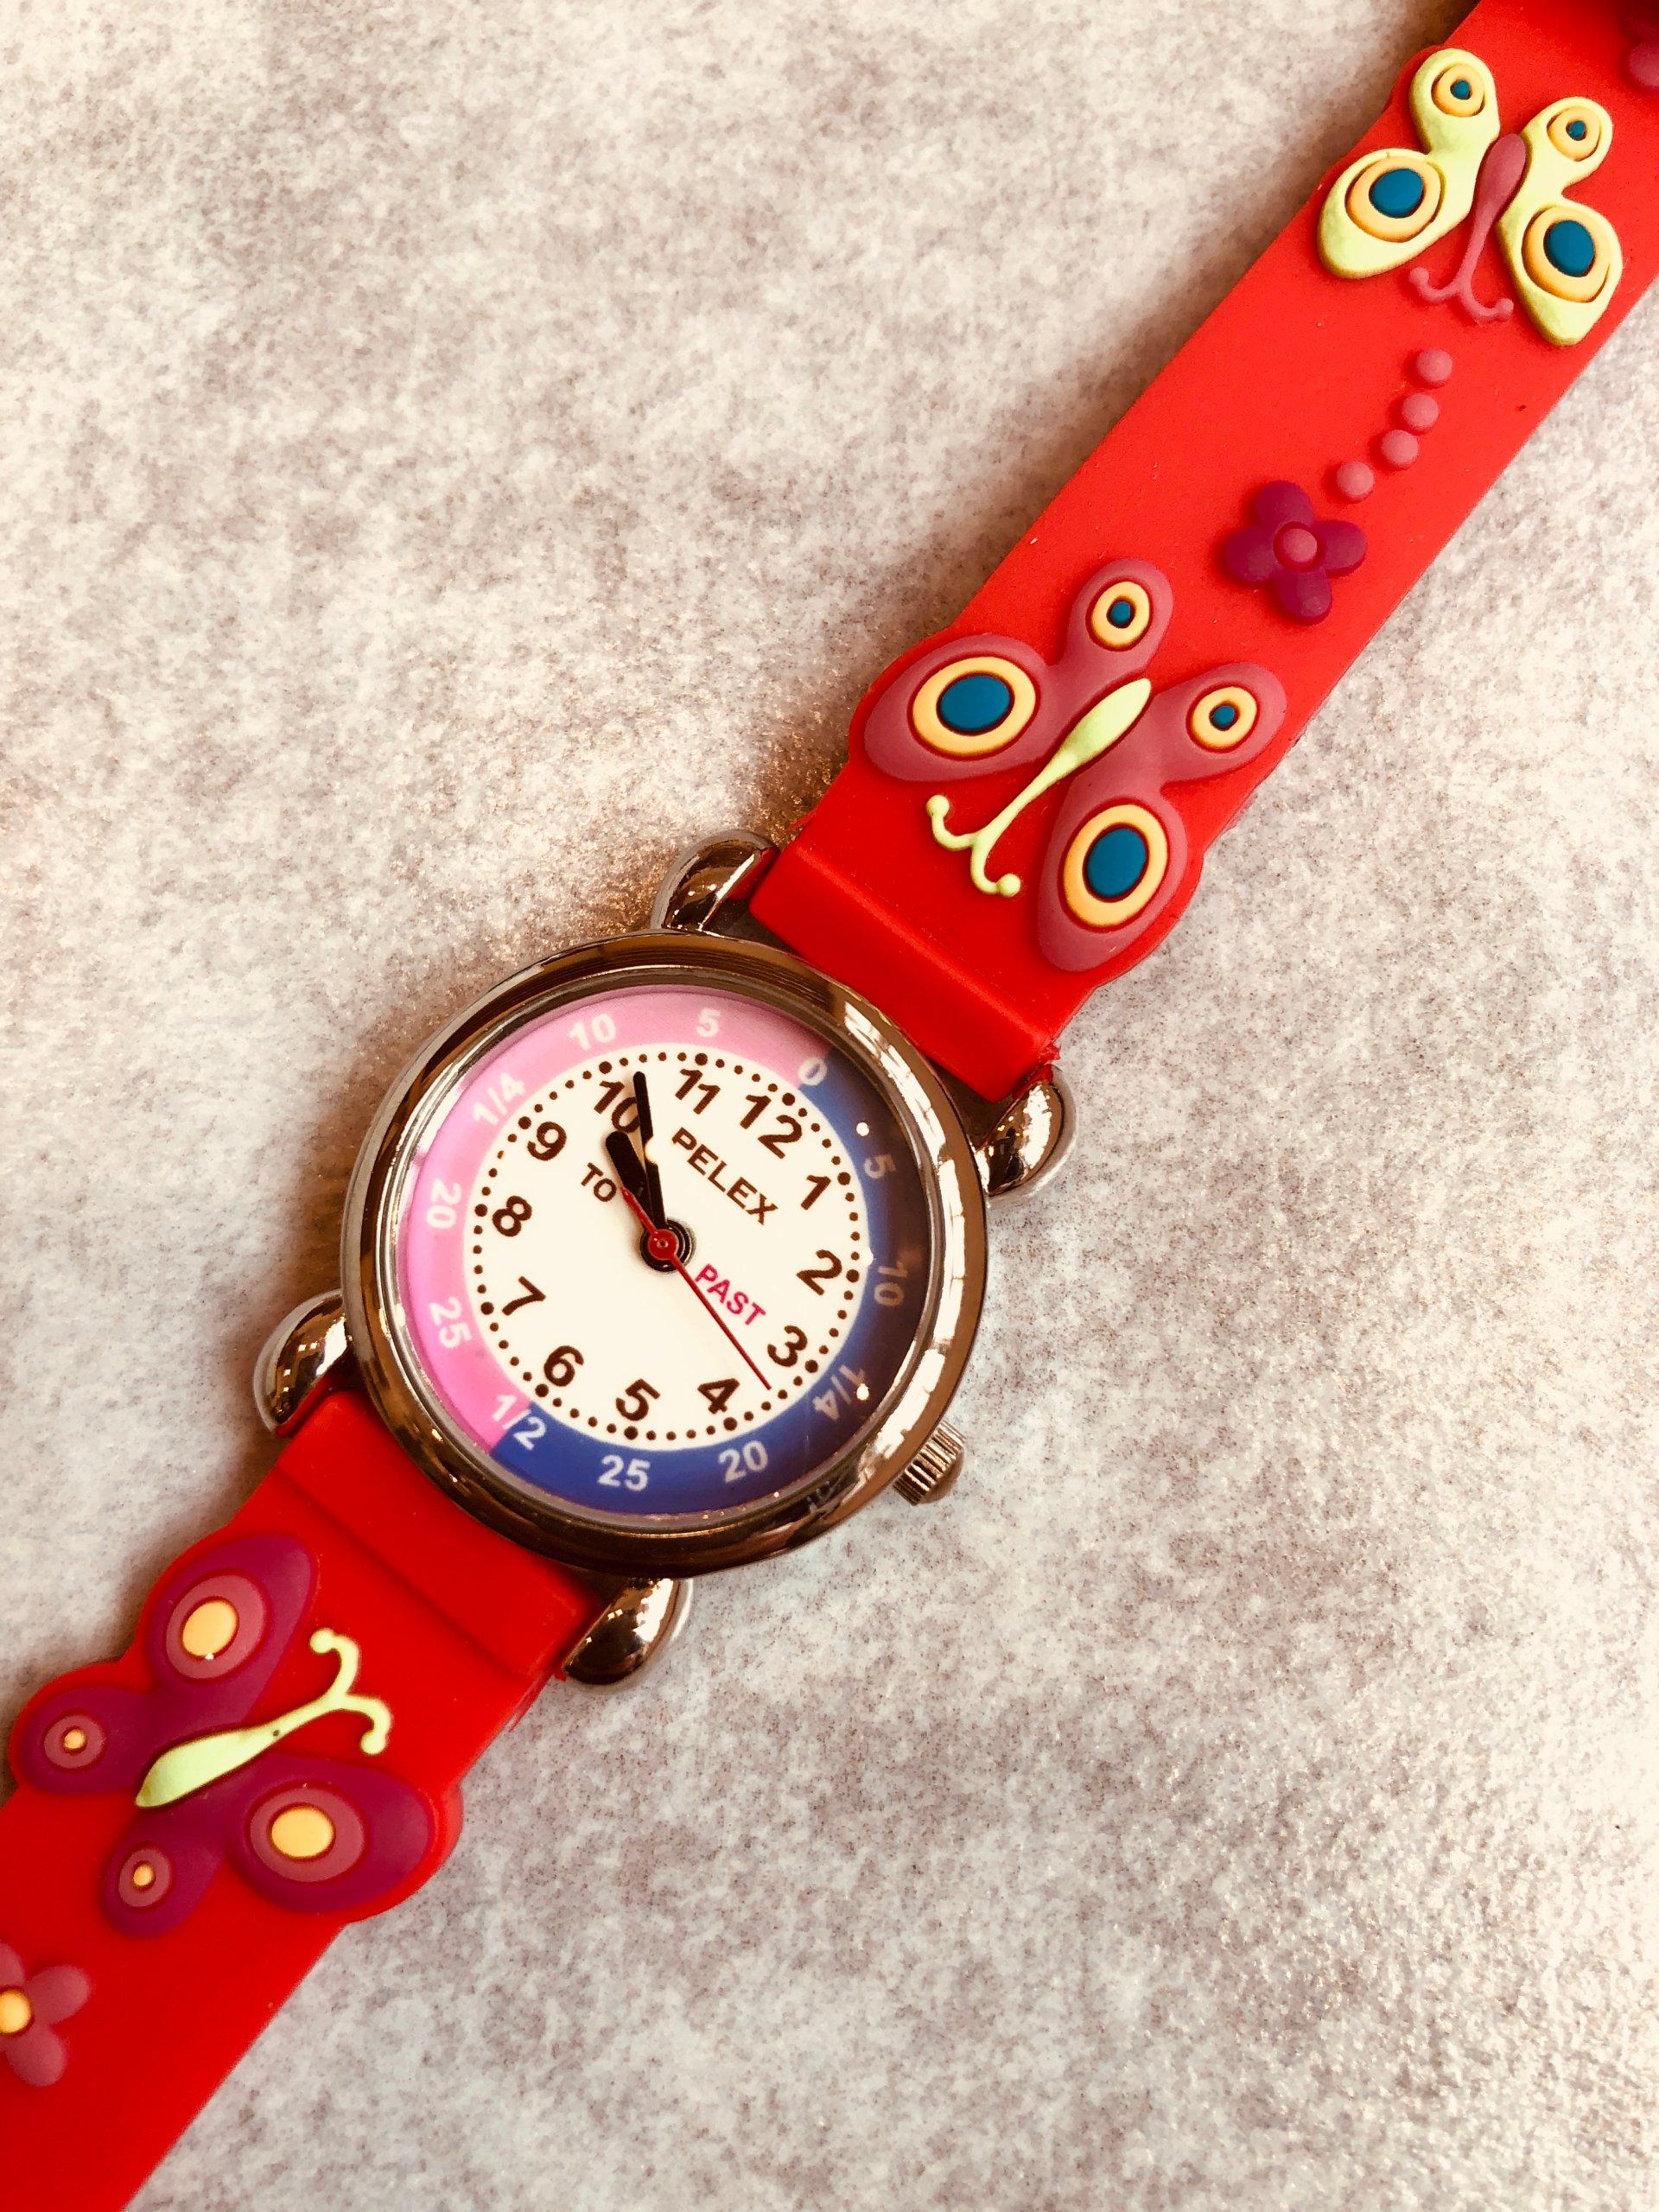 Zegarek Dzieciecy Pelex Czerwony Motylek